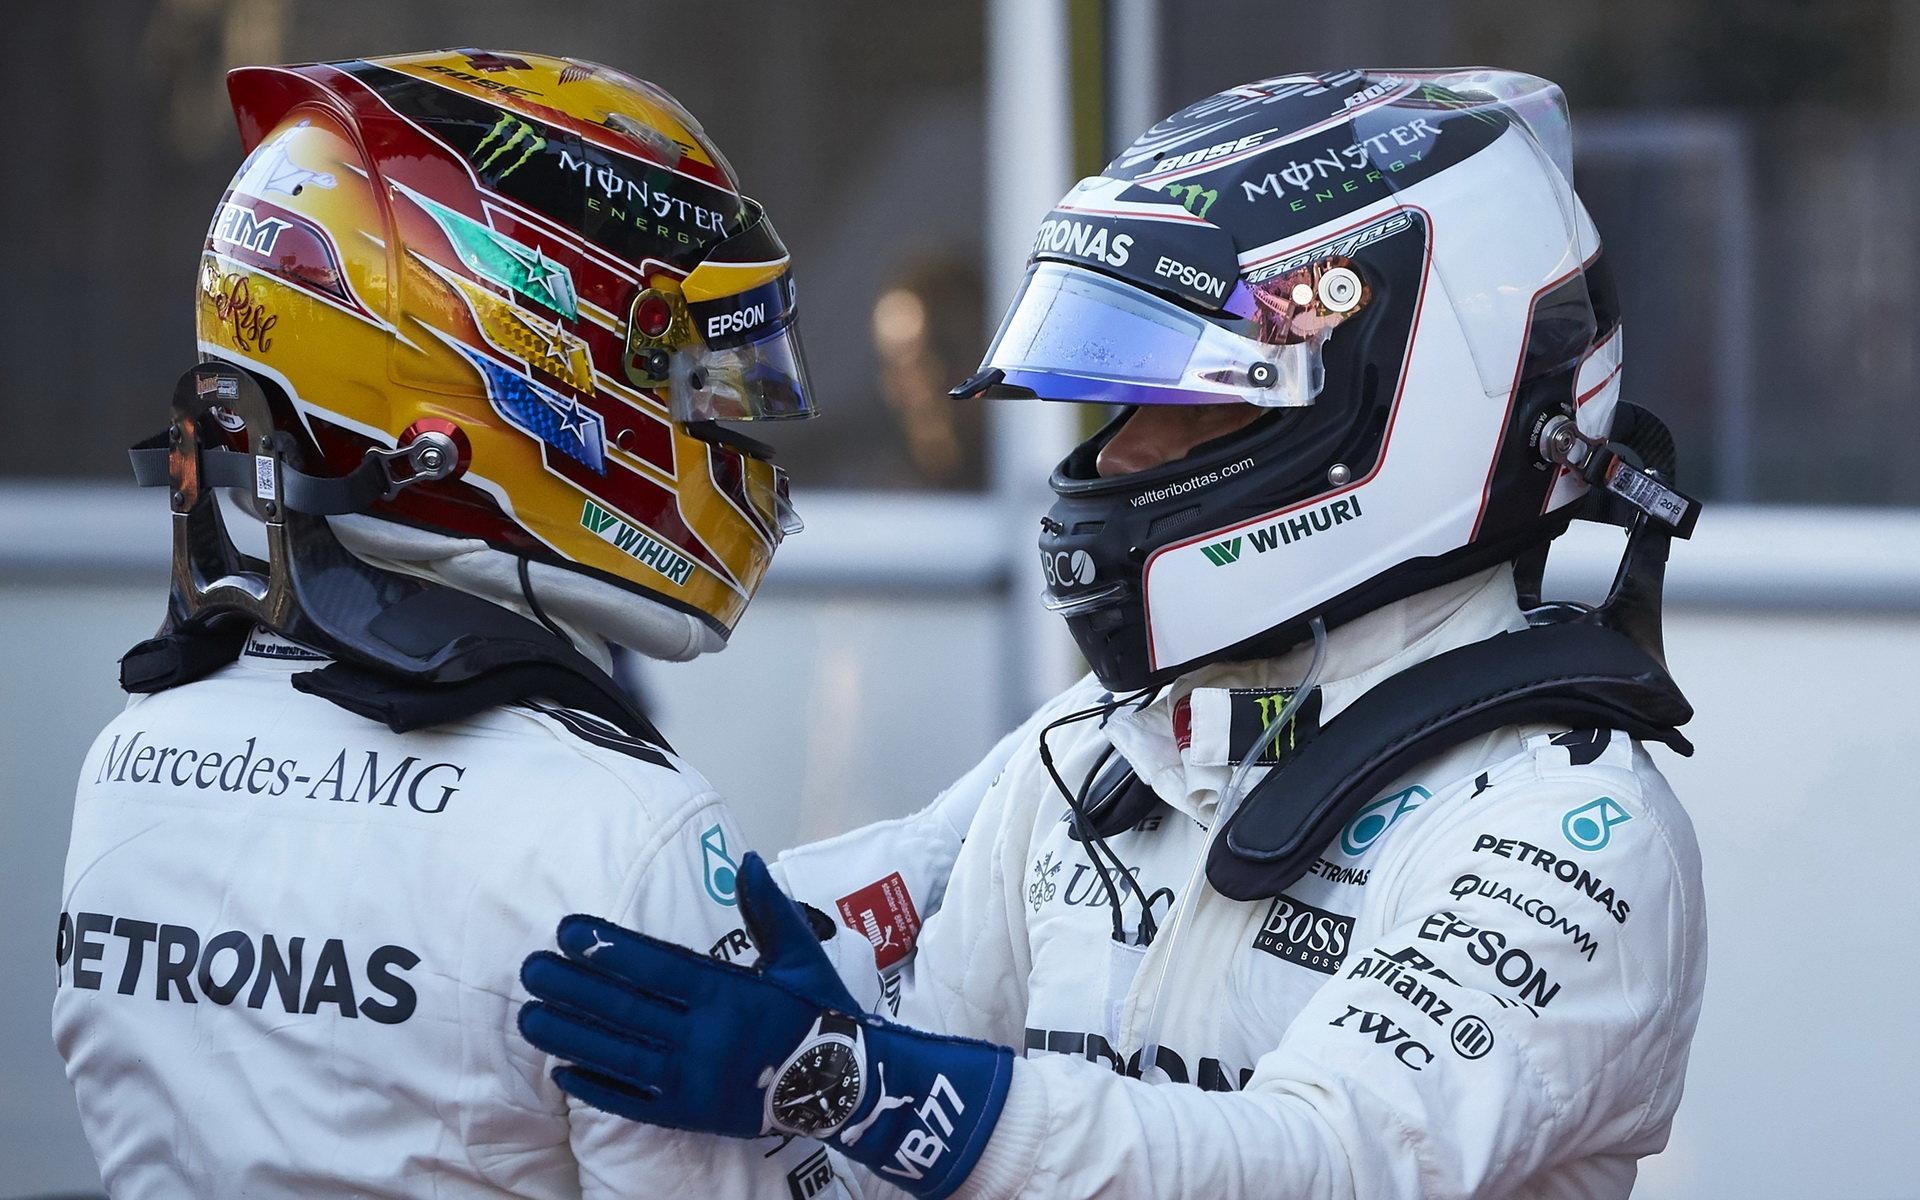 Hamilton vede v počtu vítězství nad Bottasem 3:2